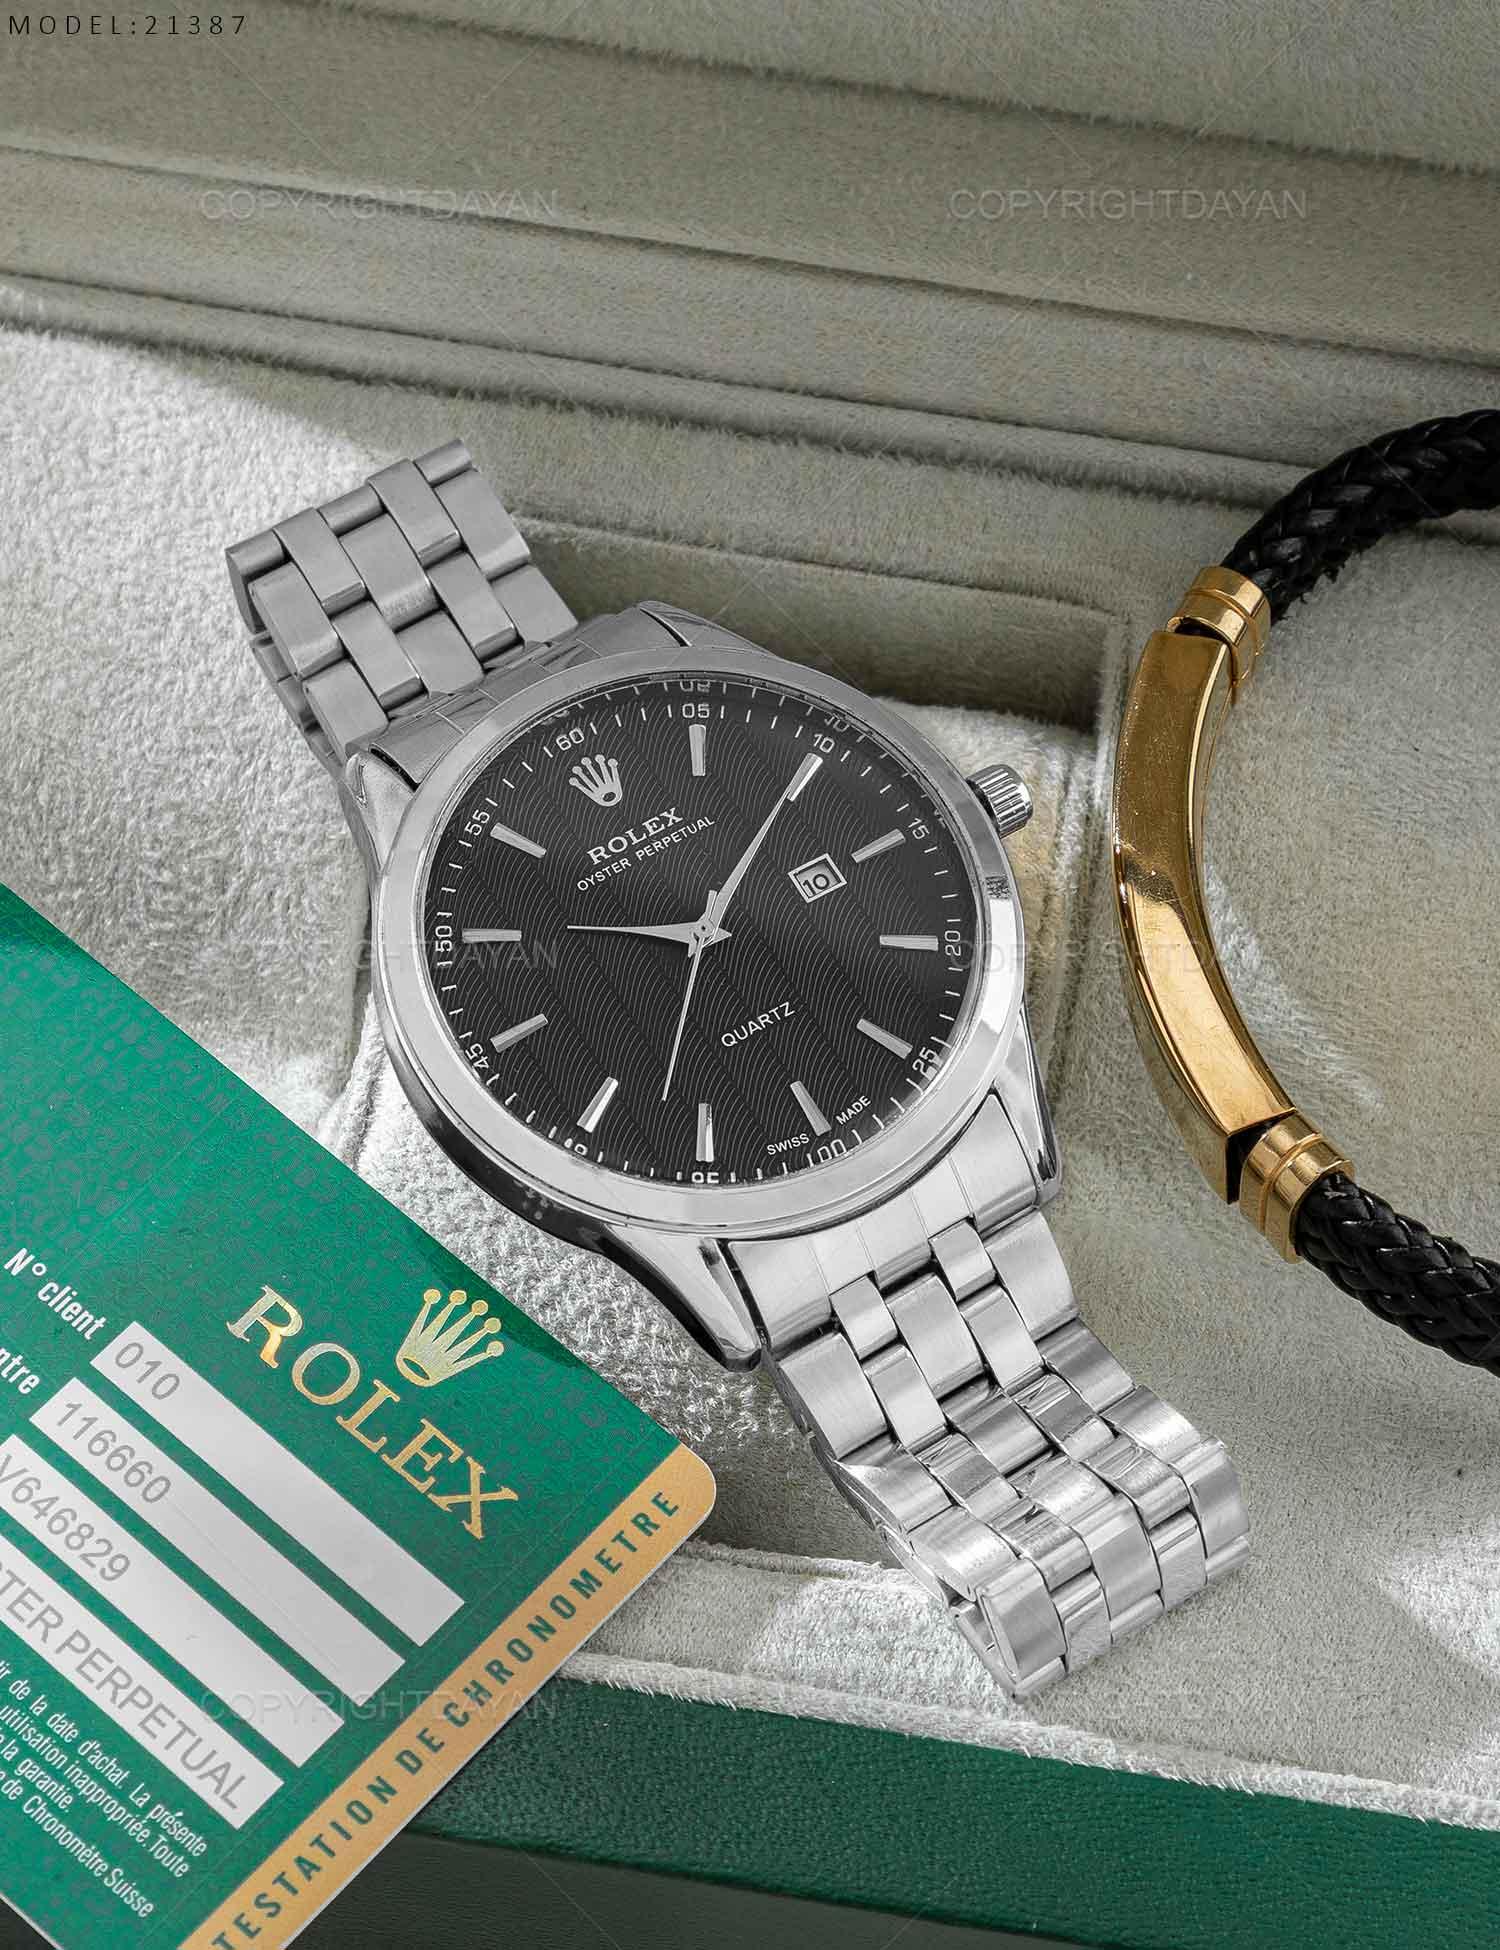 ساعت مچی مردانه Rolex مدل 21387